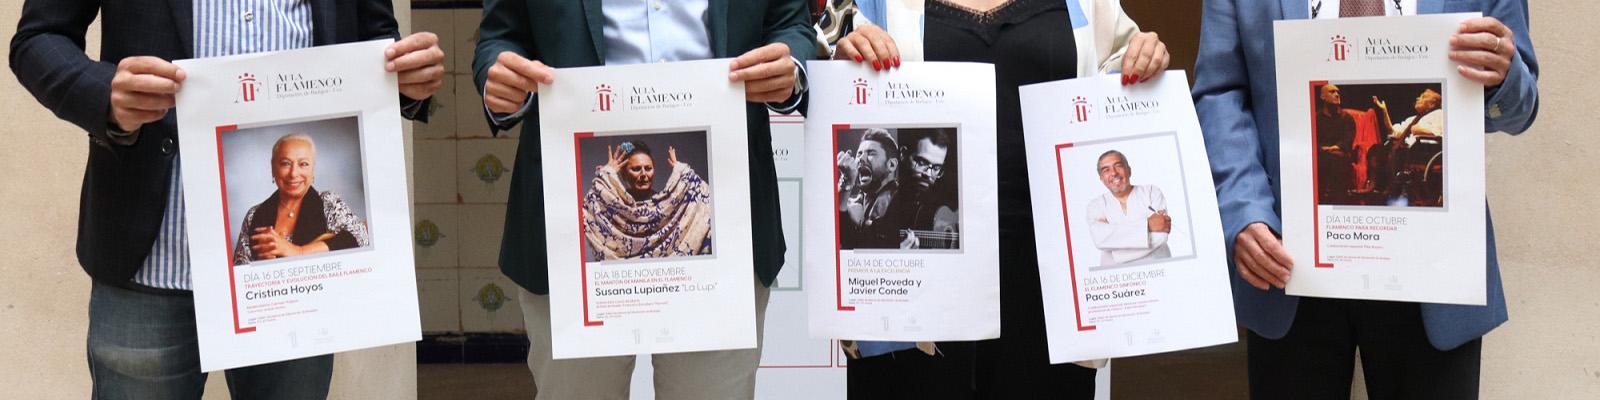 """Cristina Hoyos, Paco Mora, """"La Lupi"""" y Paco Suárez componen el cartel del III Aula de Flamenco"""